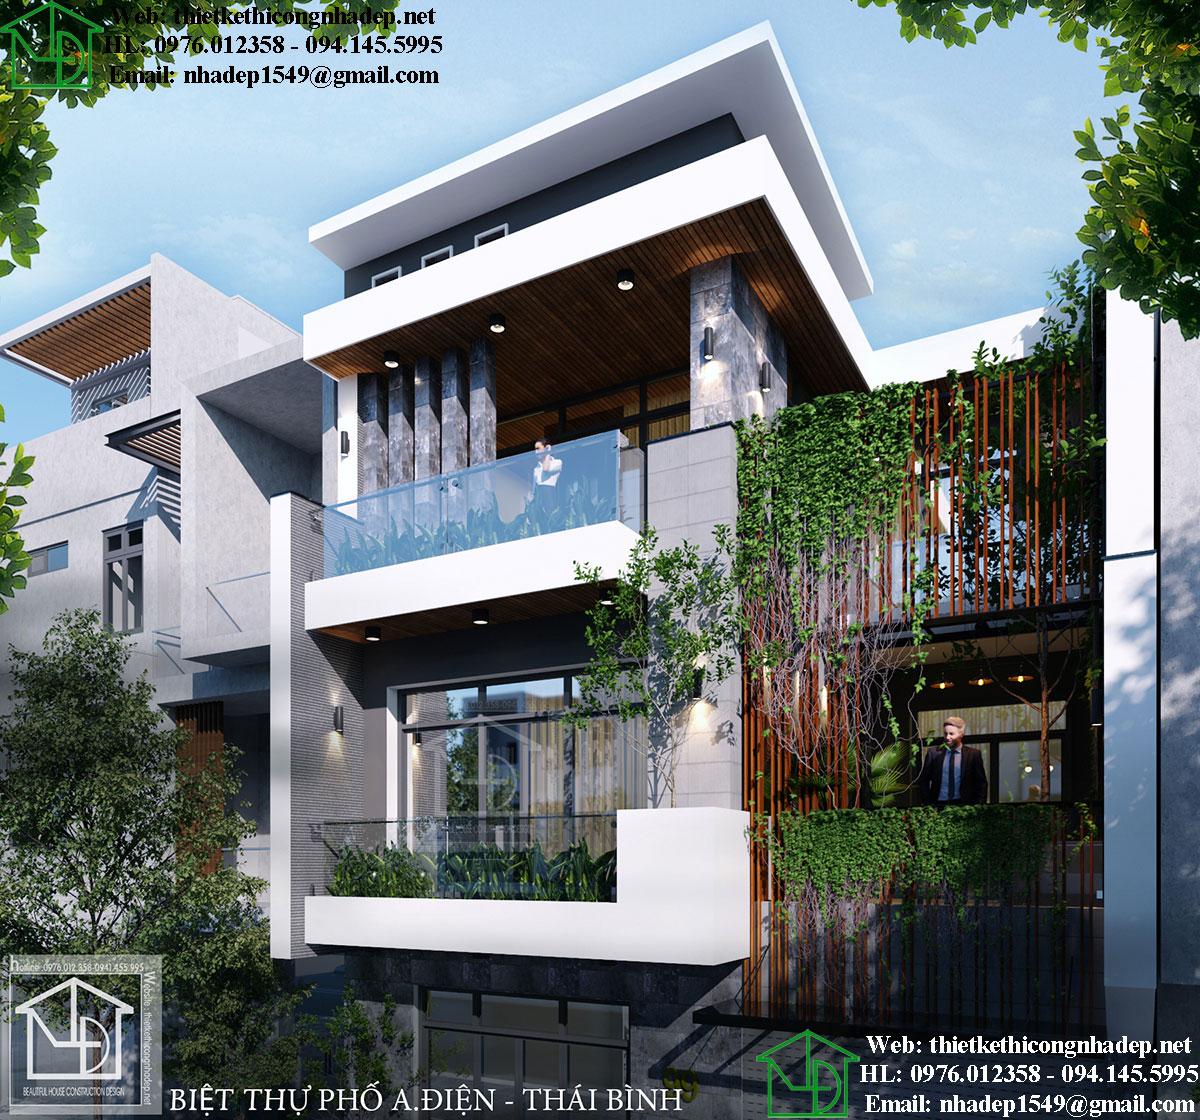 Thiết kế thi công biệt thự phố hiện đại NDNP4T9